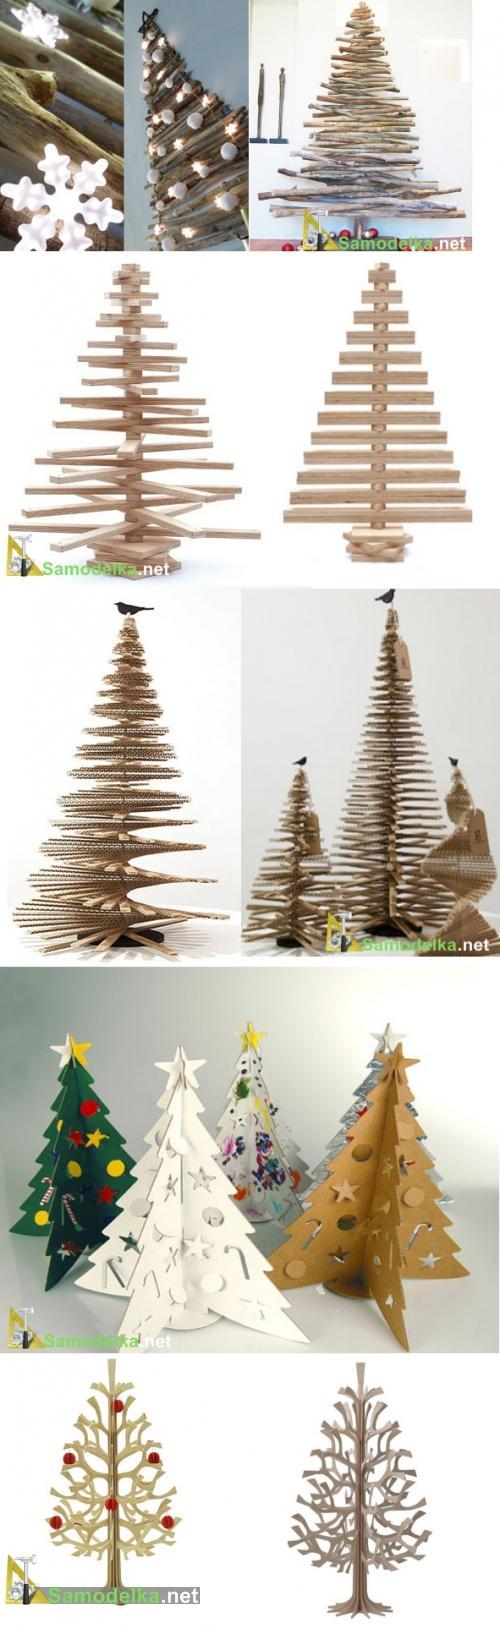 чем заменить новогоднюю елку - стилизованные поделки